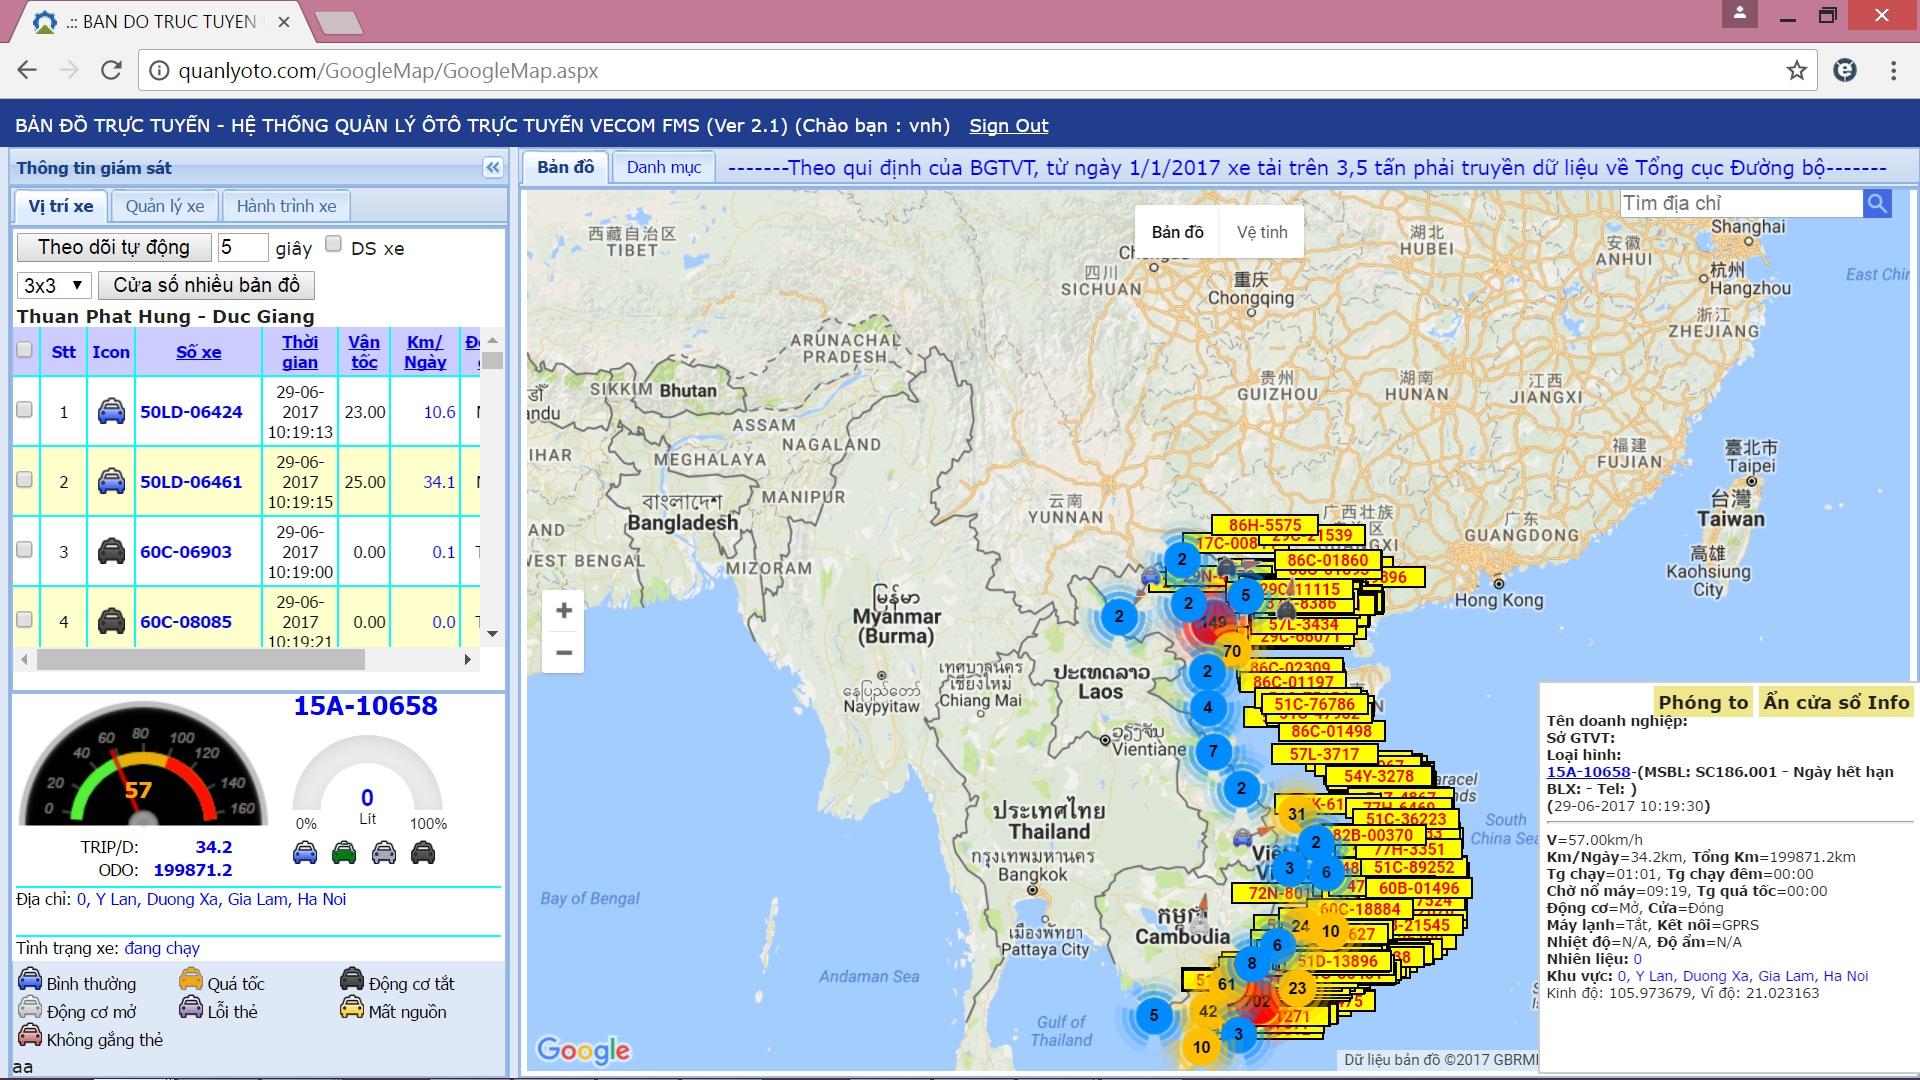 Phần mềm chuyên dụng - Giám sát trực tuyến - tức thời Vị trí xe